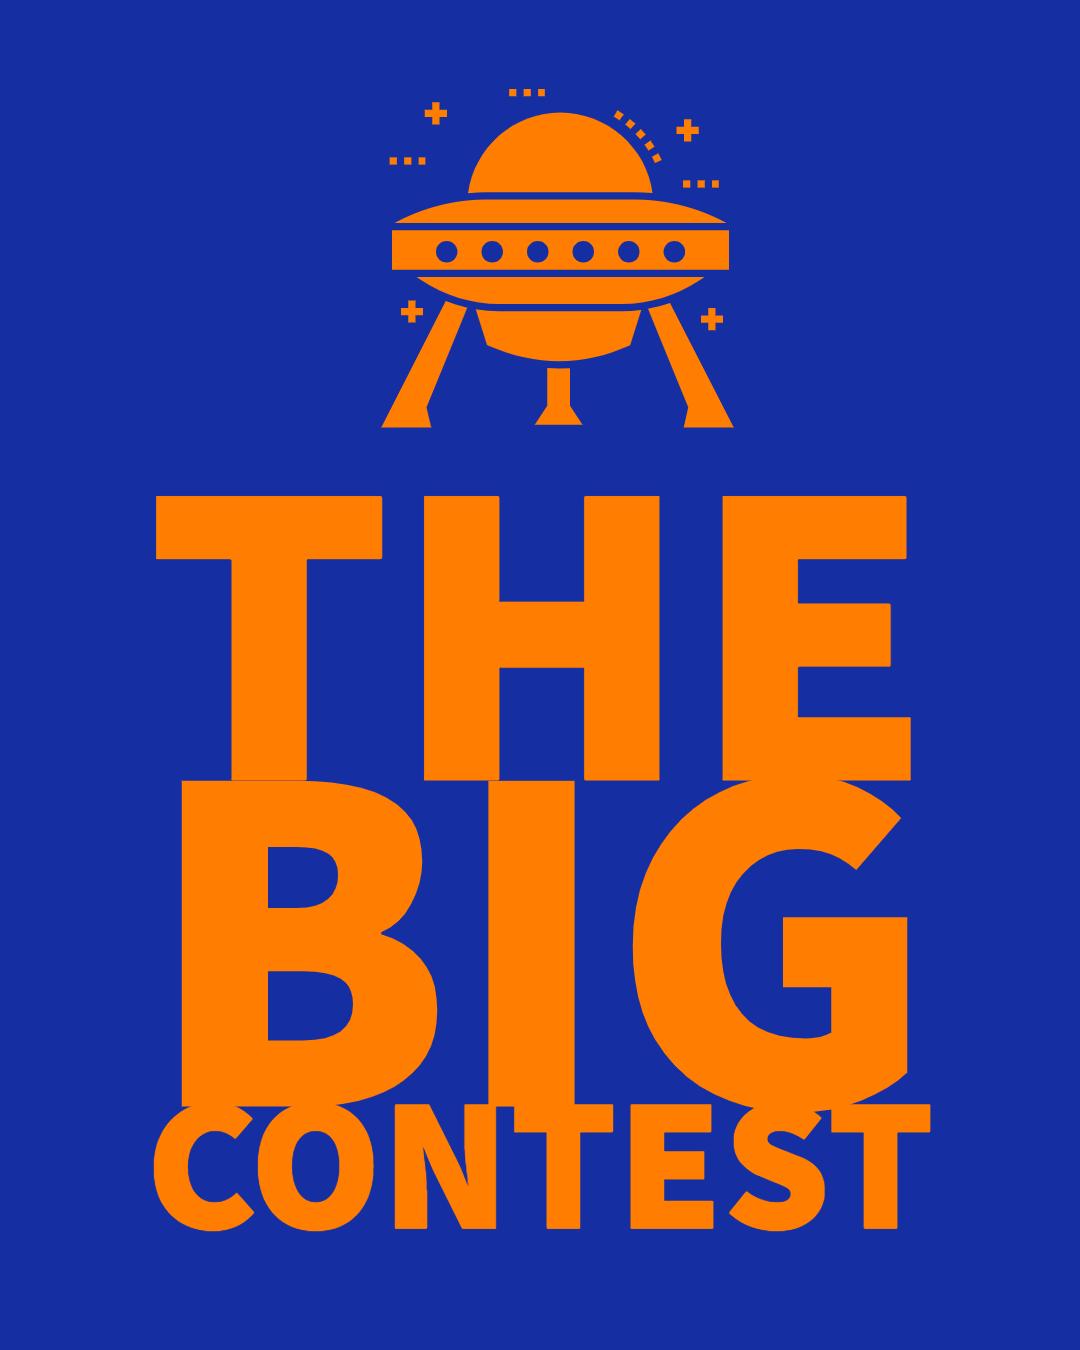 HUGEmanities: The Big Contest